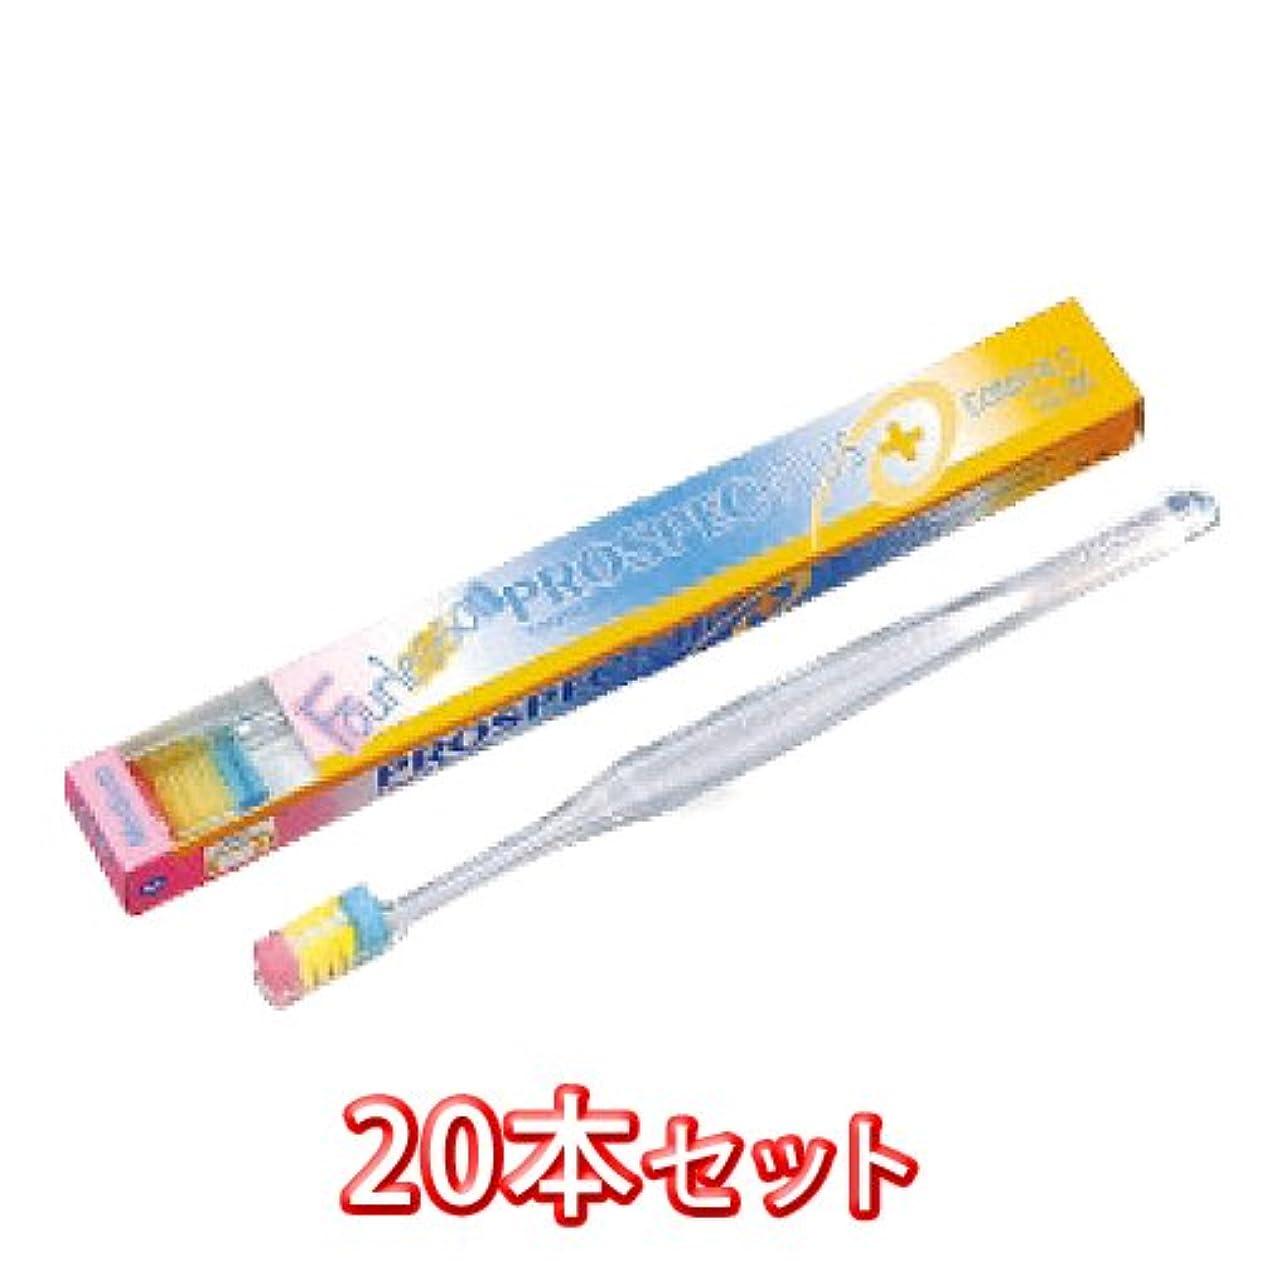 変える正義征服プロスペック 歯ブラシ コンパクトスリム 20本入 フォーレッスン 毛の硬さ ふつう